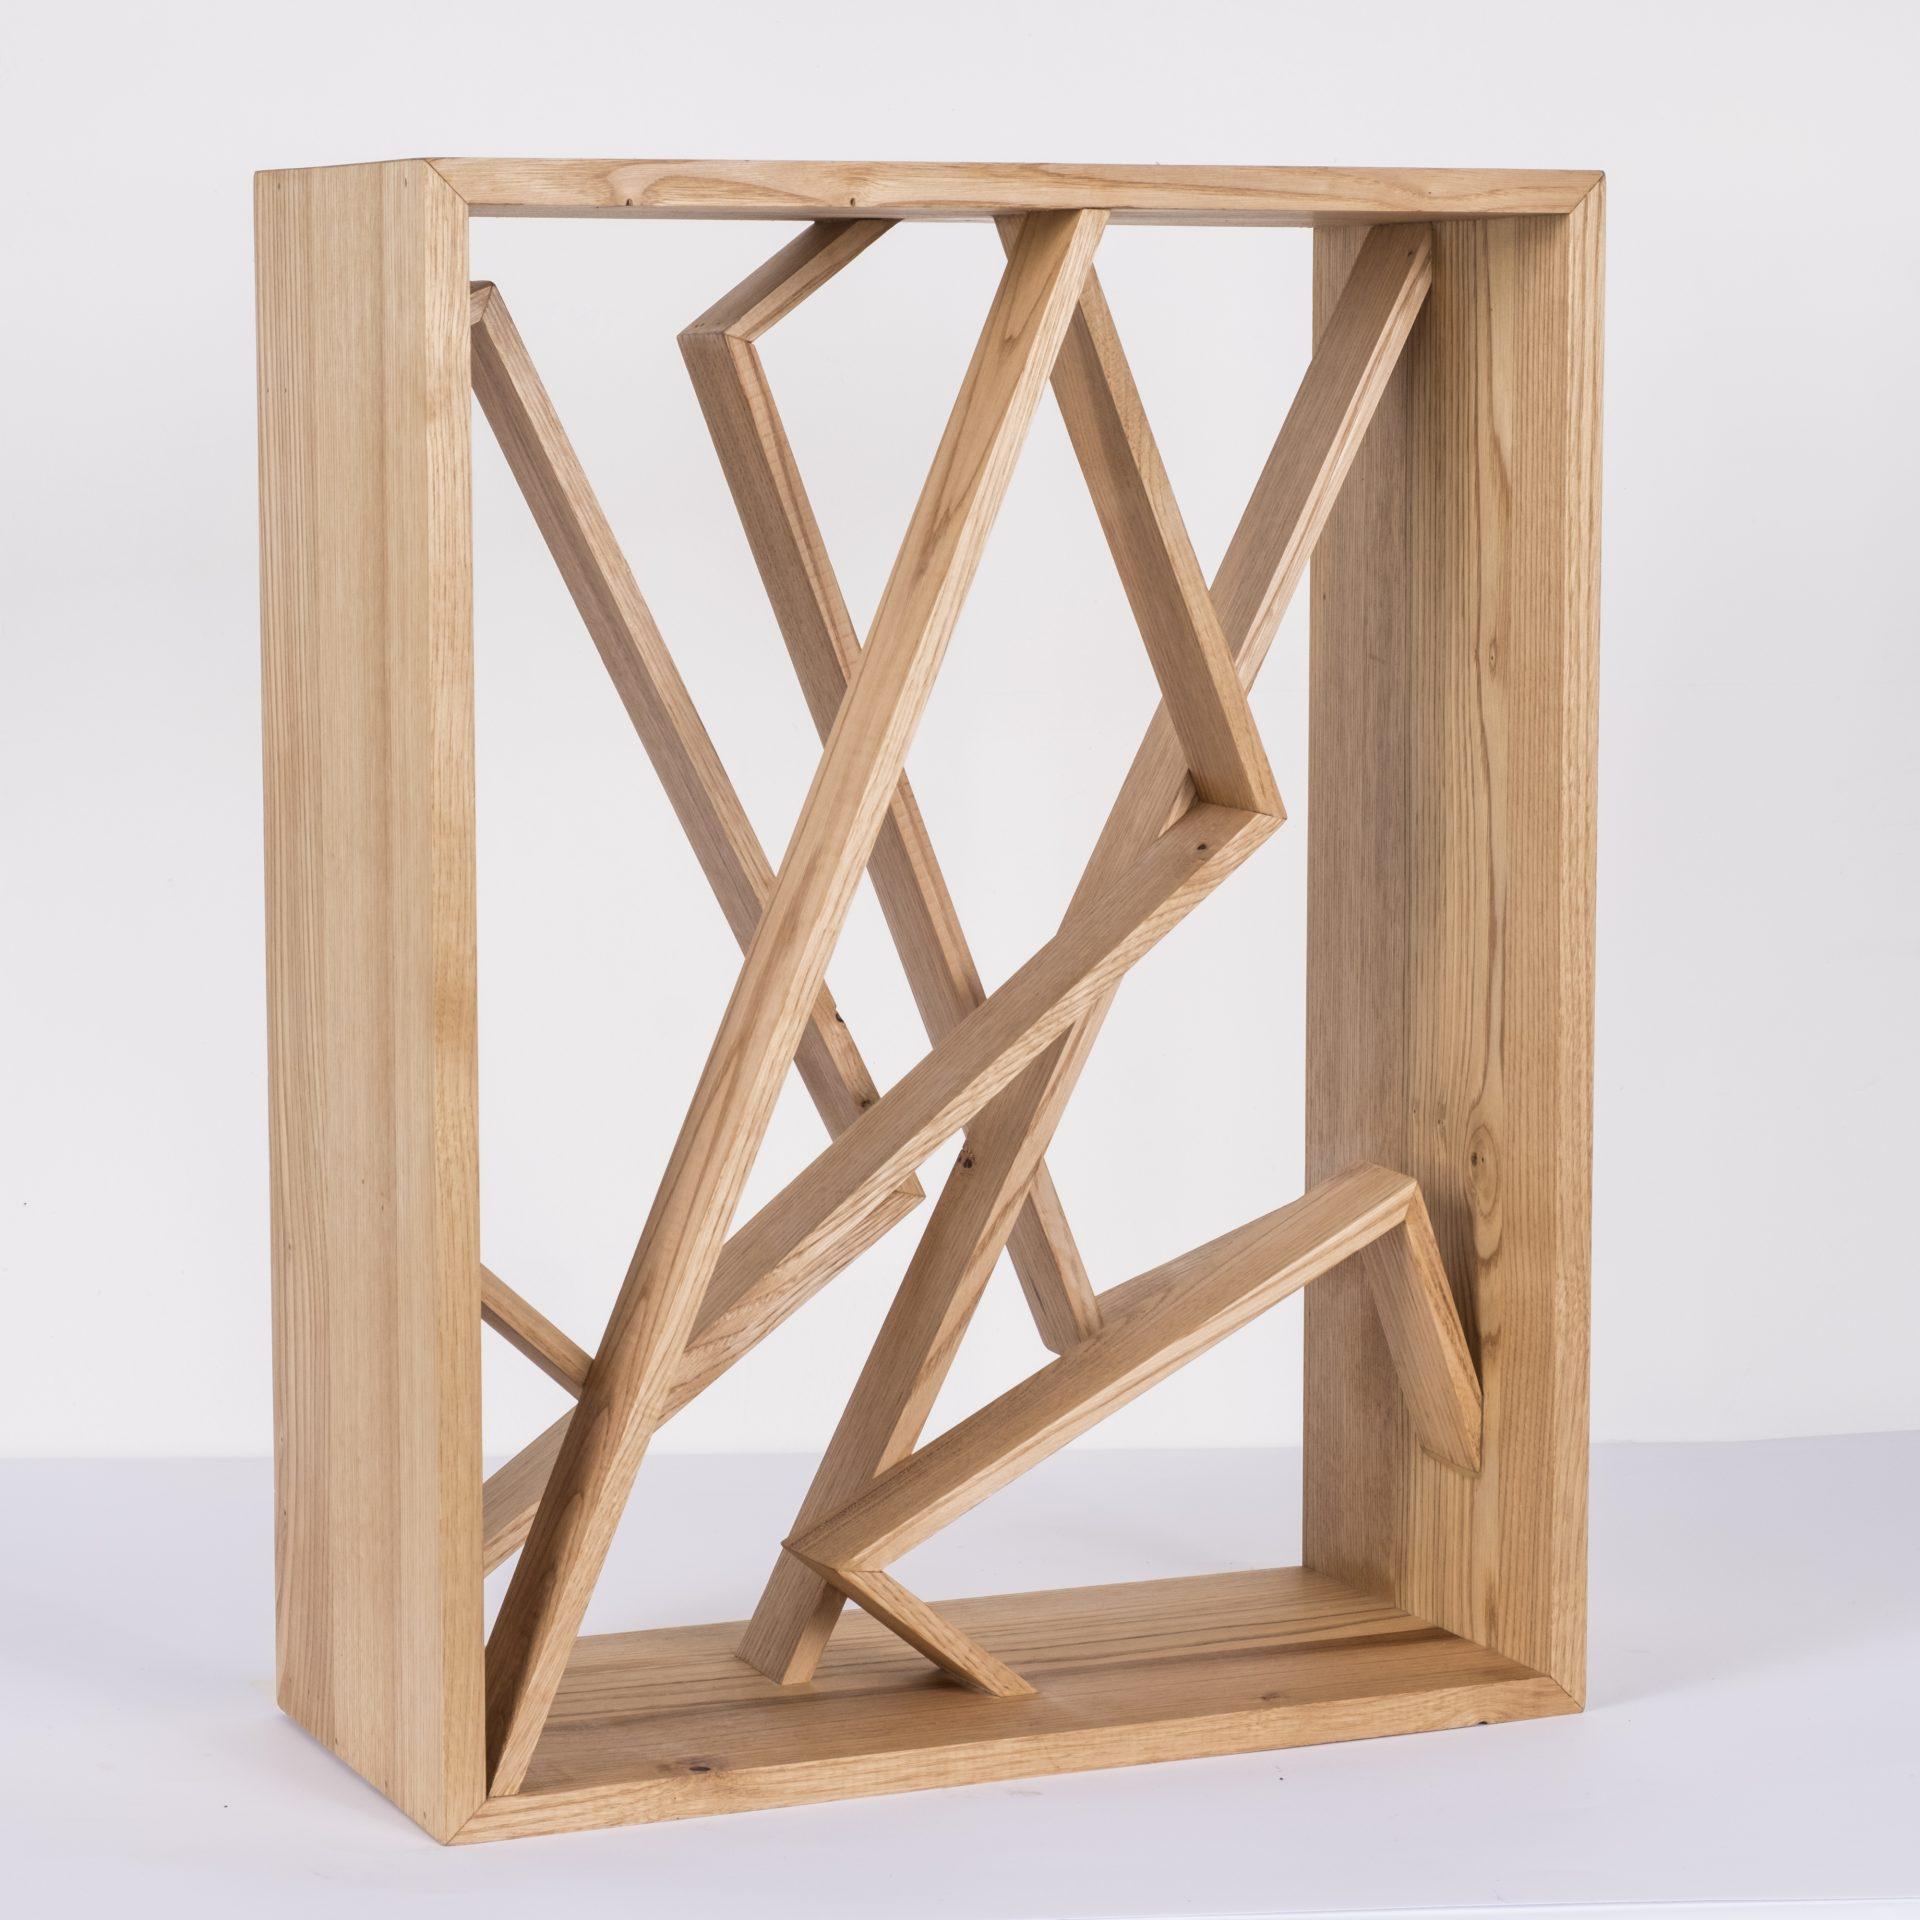 Unlimited in Dynamo<br>RMR24<br>misure: circa 44 x 56 cm<br>tecnica: legno castagno <br>anno: 2018<br><br>DISPONIBILE